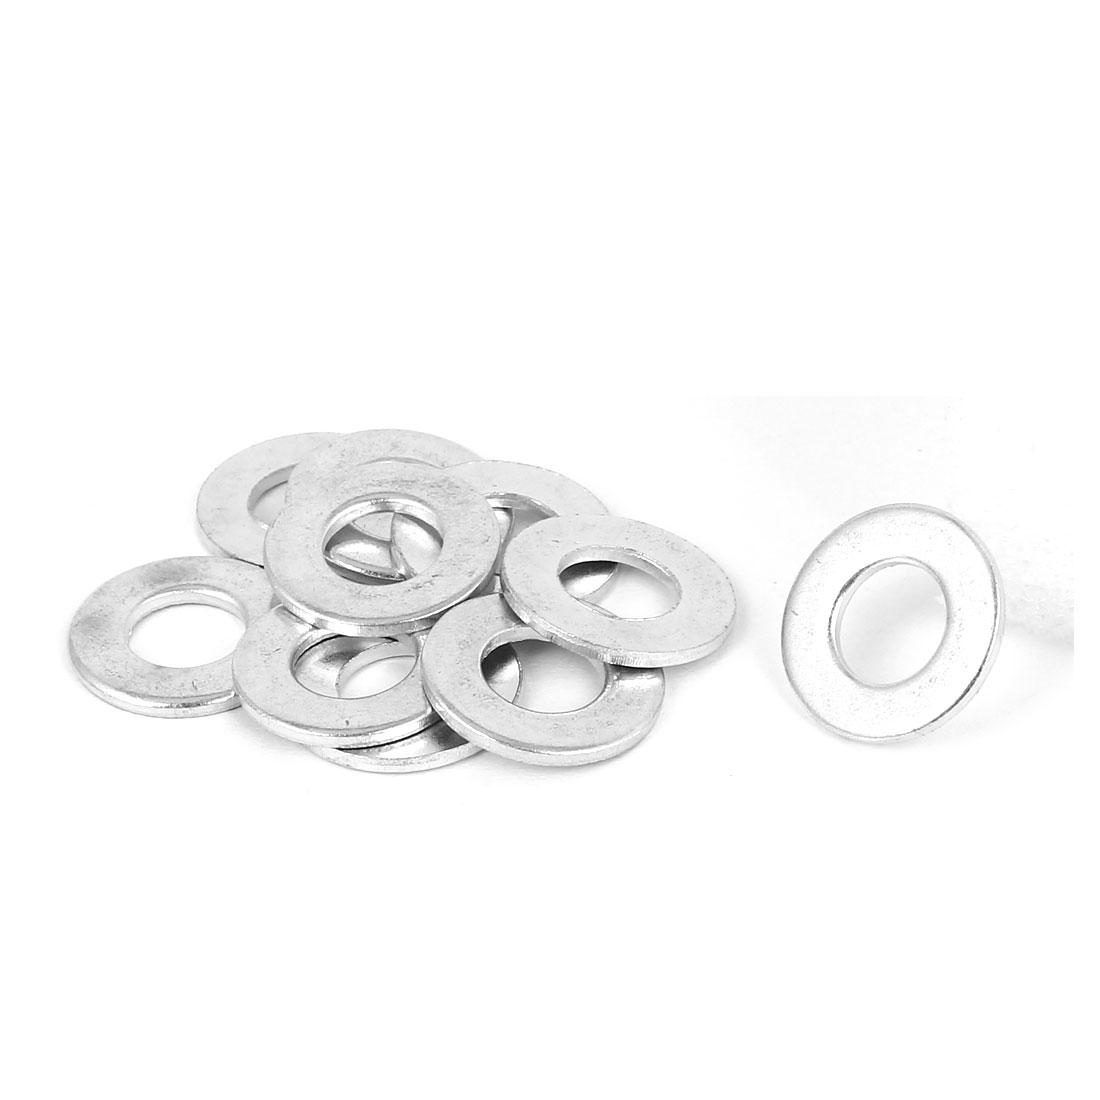 8mm x 16mm x 1.5mm Zinc Plated Flat Pads Washers Gaskets Fasteners GB97 10PCS